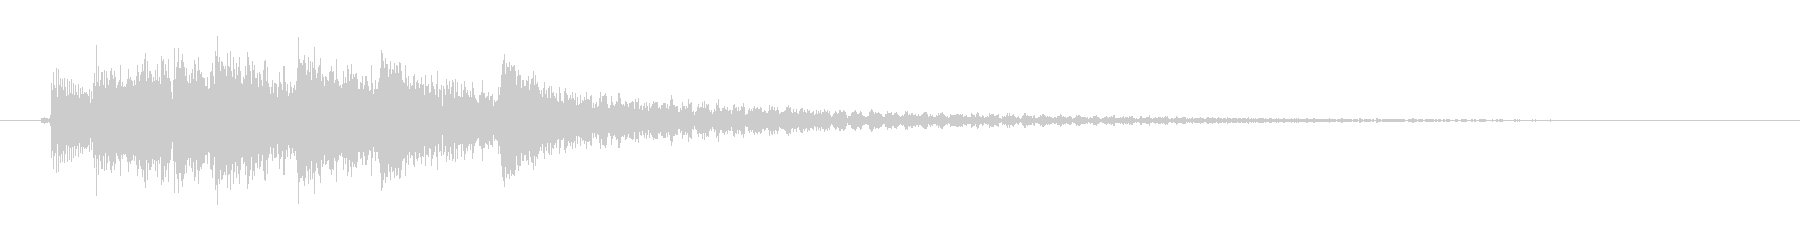 【和風】明るめな雰囲気の琴の効果音の未再生の波形